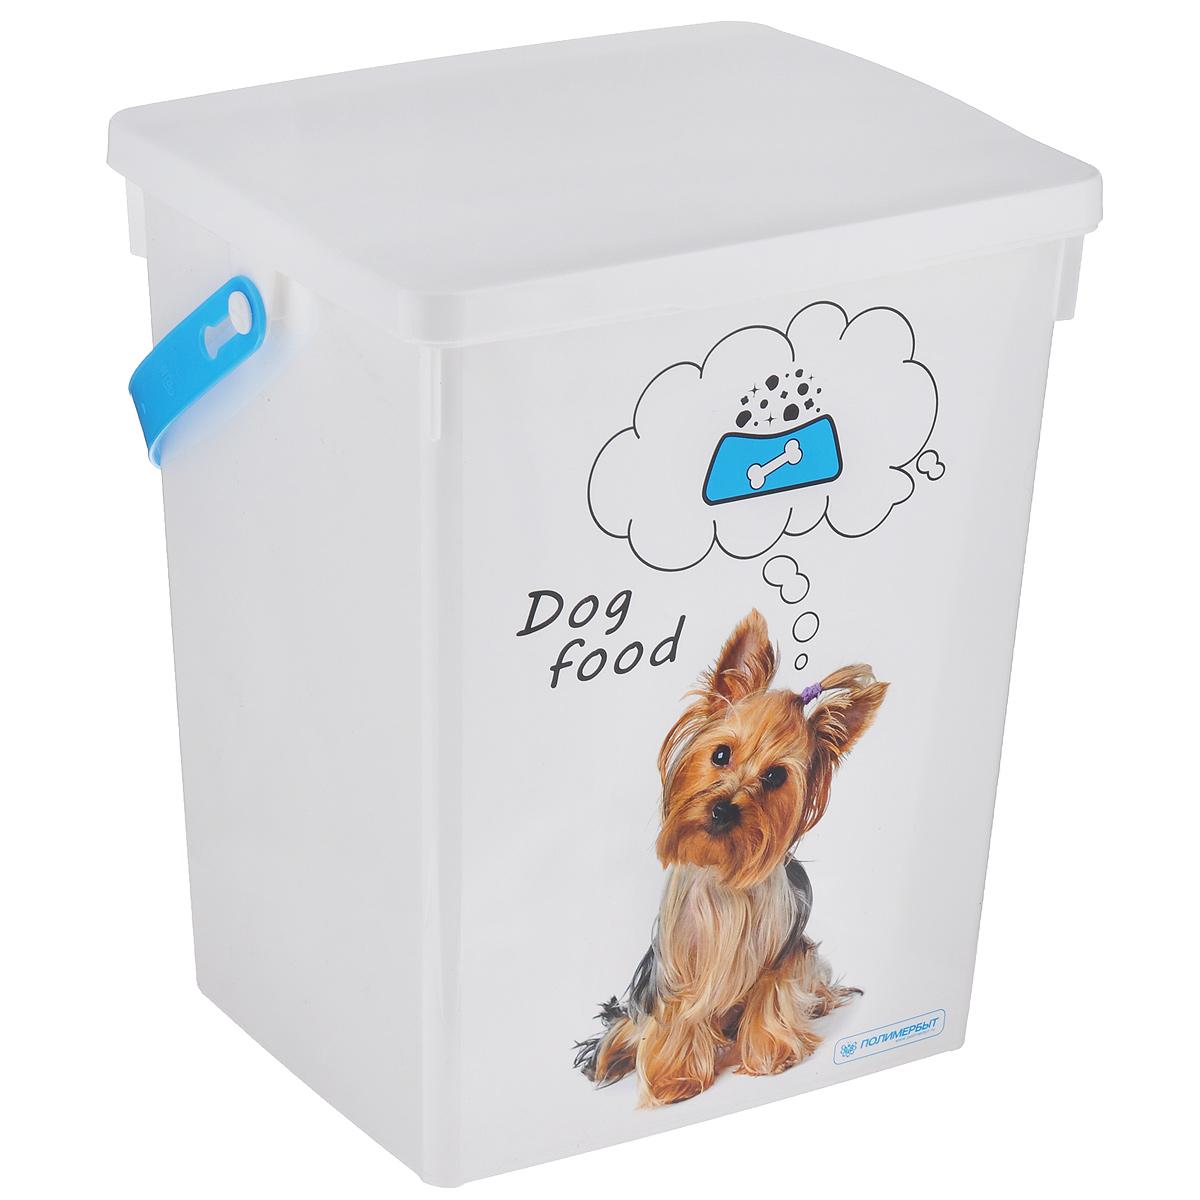 Контейнер для хранения корма Полимербыт Dog Food, цвет: белый, голубой, 5 лС49302 белый, синийКонтейнер Полимербыт, изготовленный из высококачественного пластика, предназначен для хранения корма для животных. Контейнер оснащен ручкой, благодаря которой можно без проблем переносить его с места на место.В таком контейнере корм останется всегда свежим.